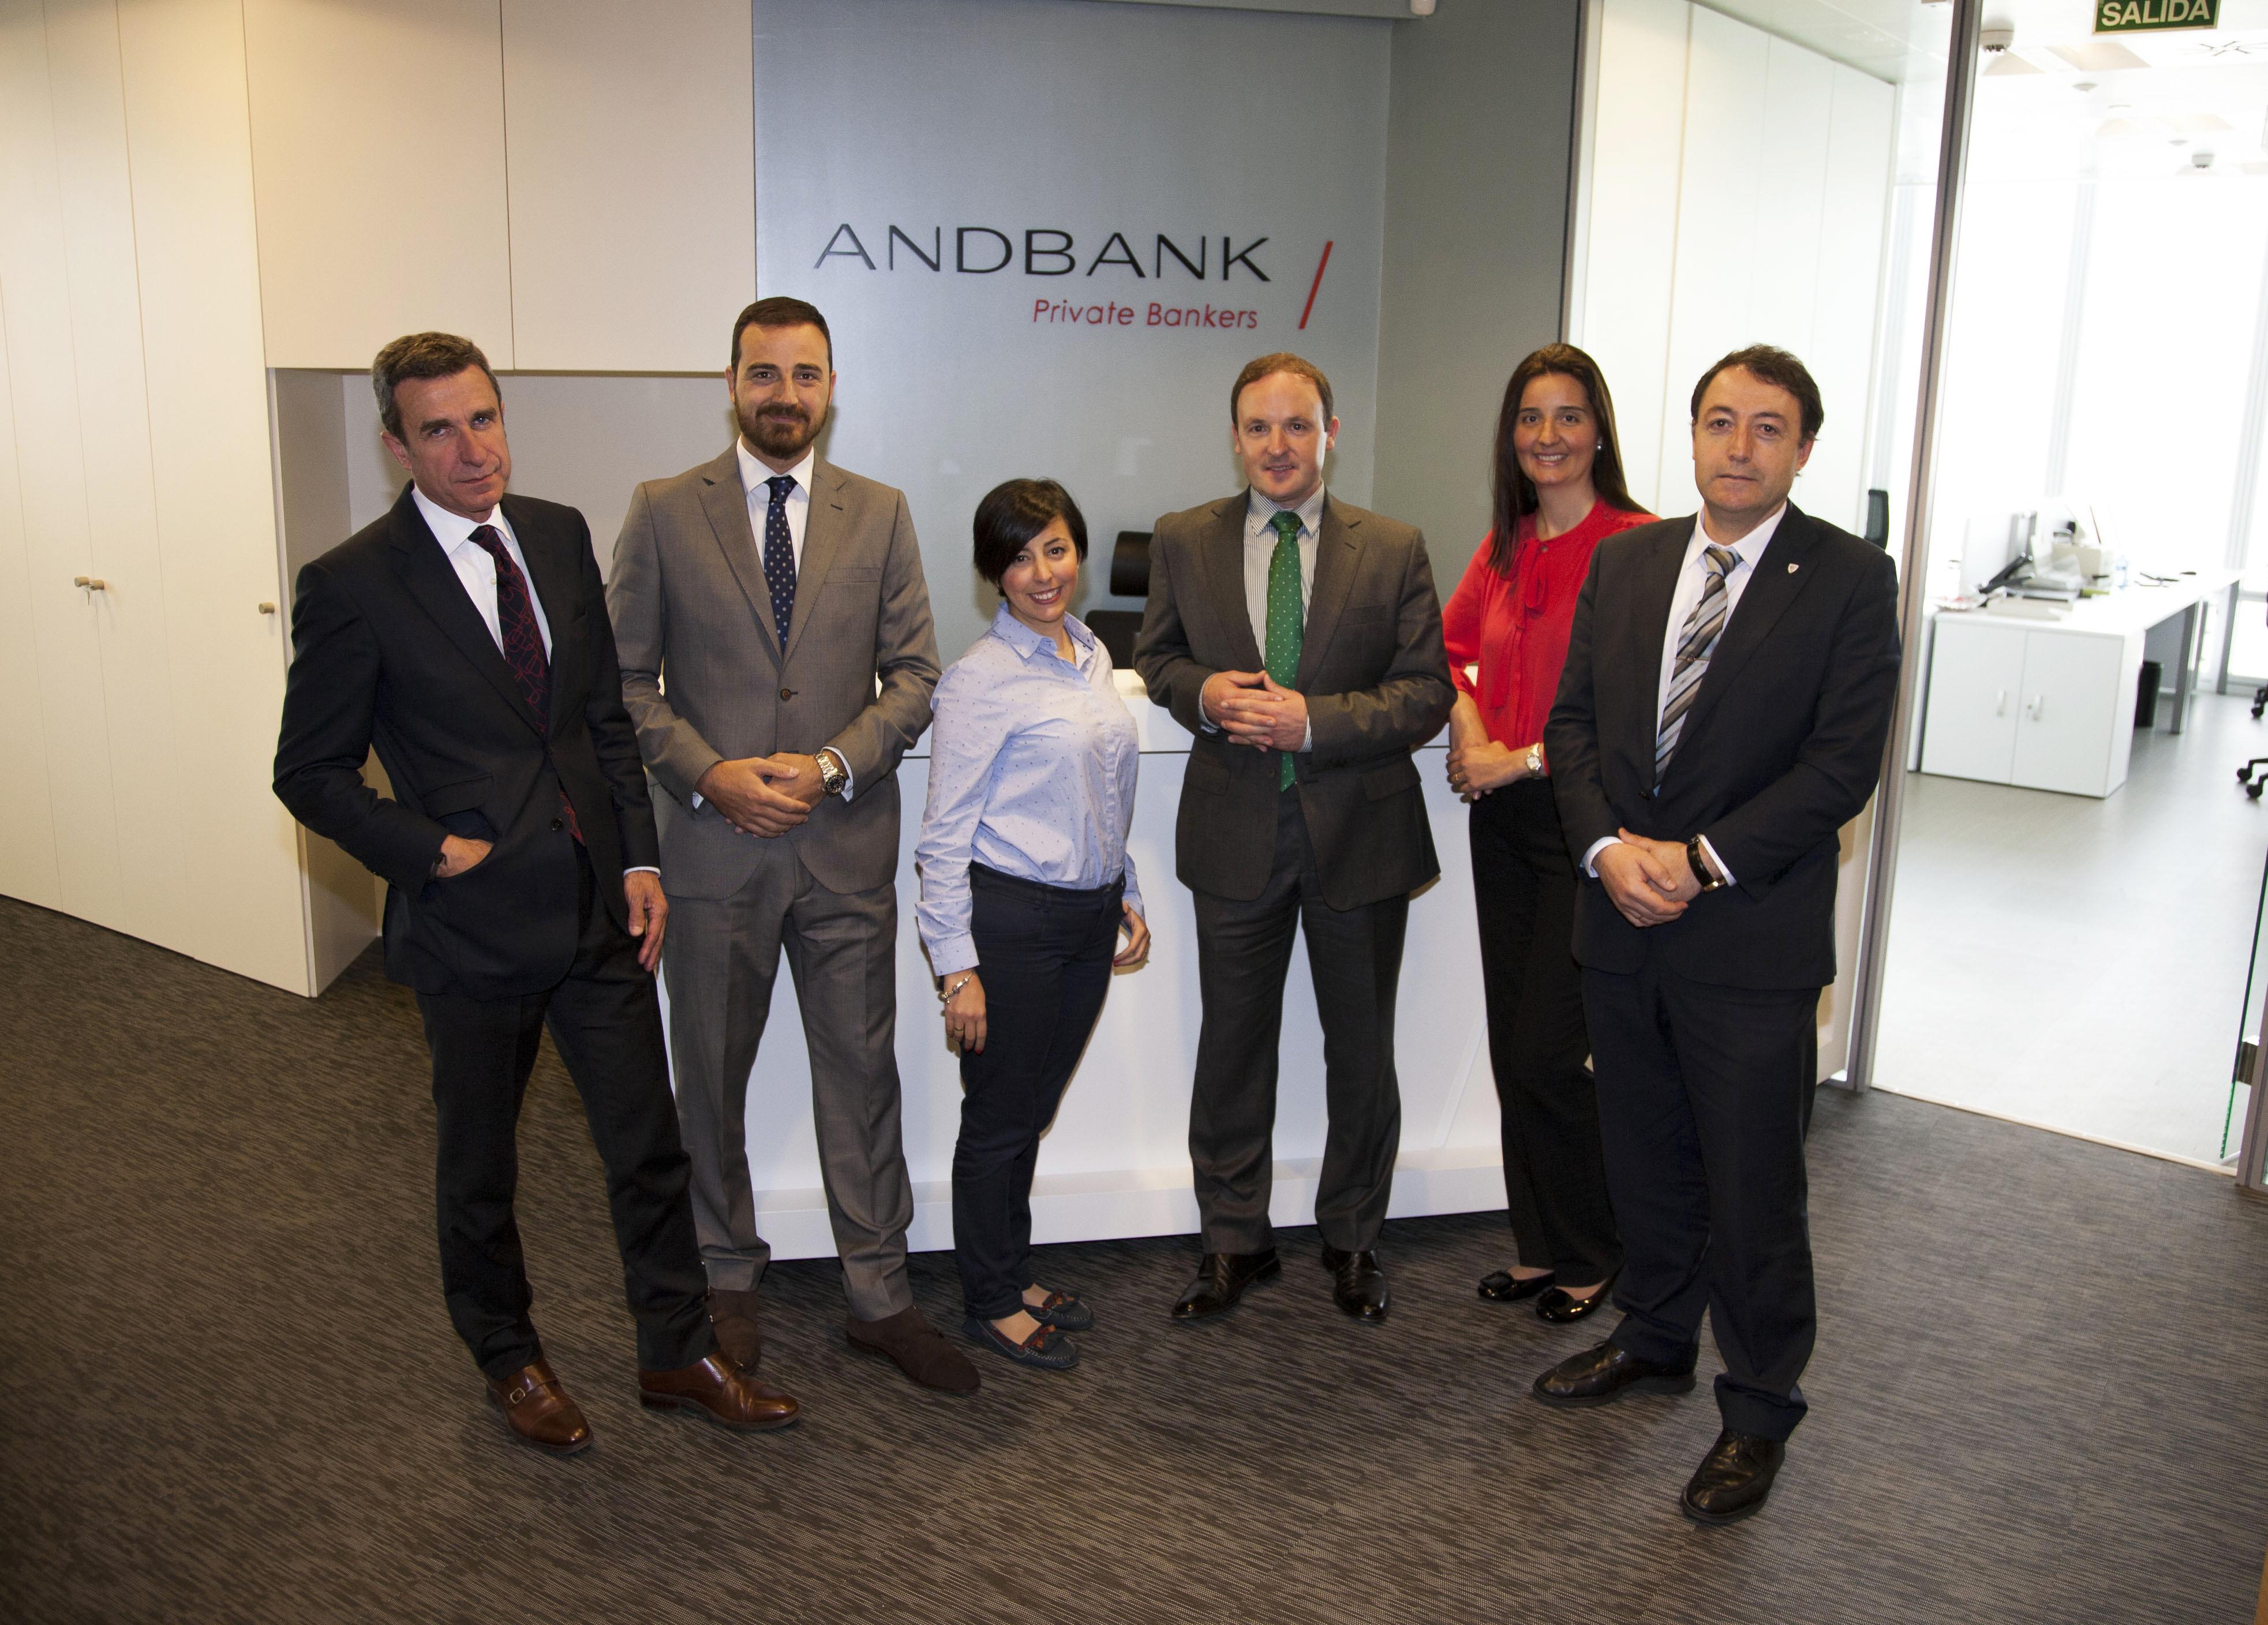 Andbank traslada su oficina de bilbao a la torre iberdrola for Oficinas iberdrola madrid